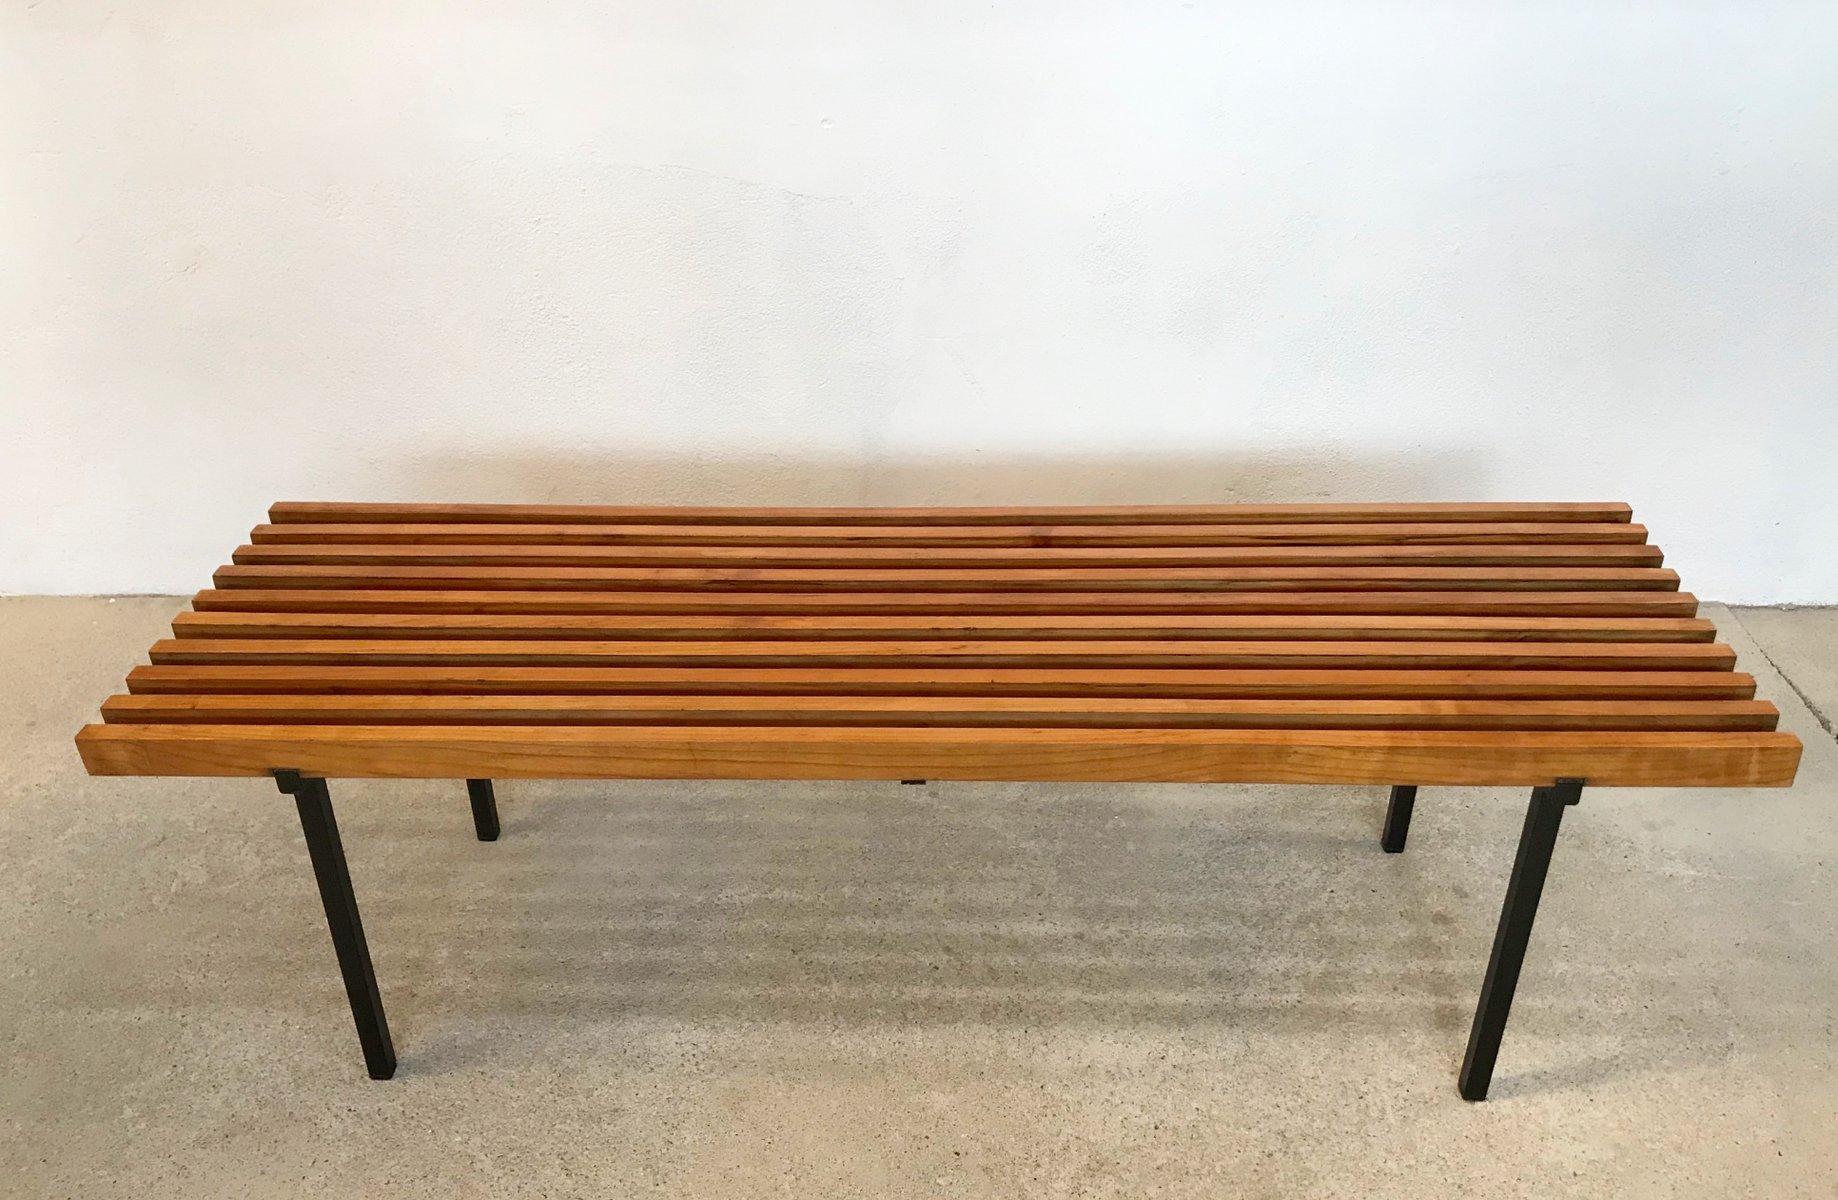 Minimalistische Bank aus Holzleisten & Stahlgestell, 1960er